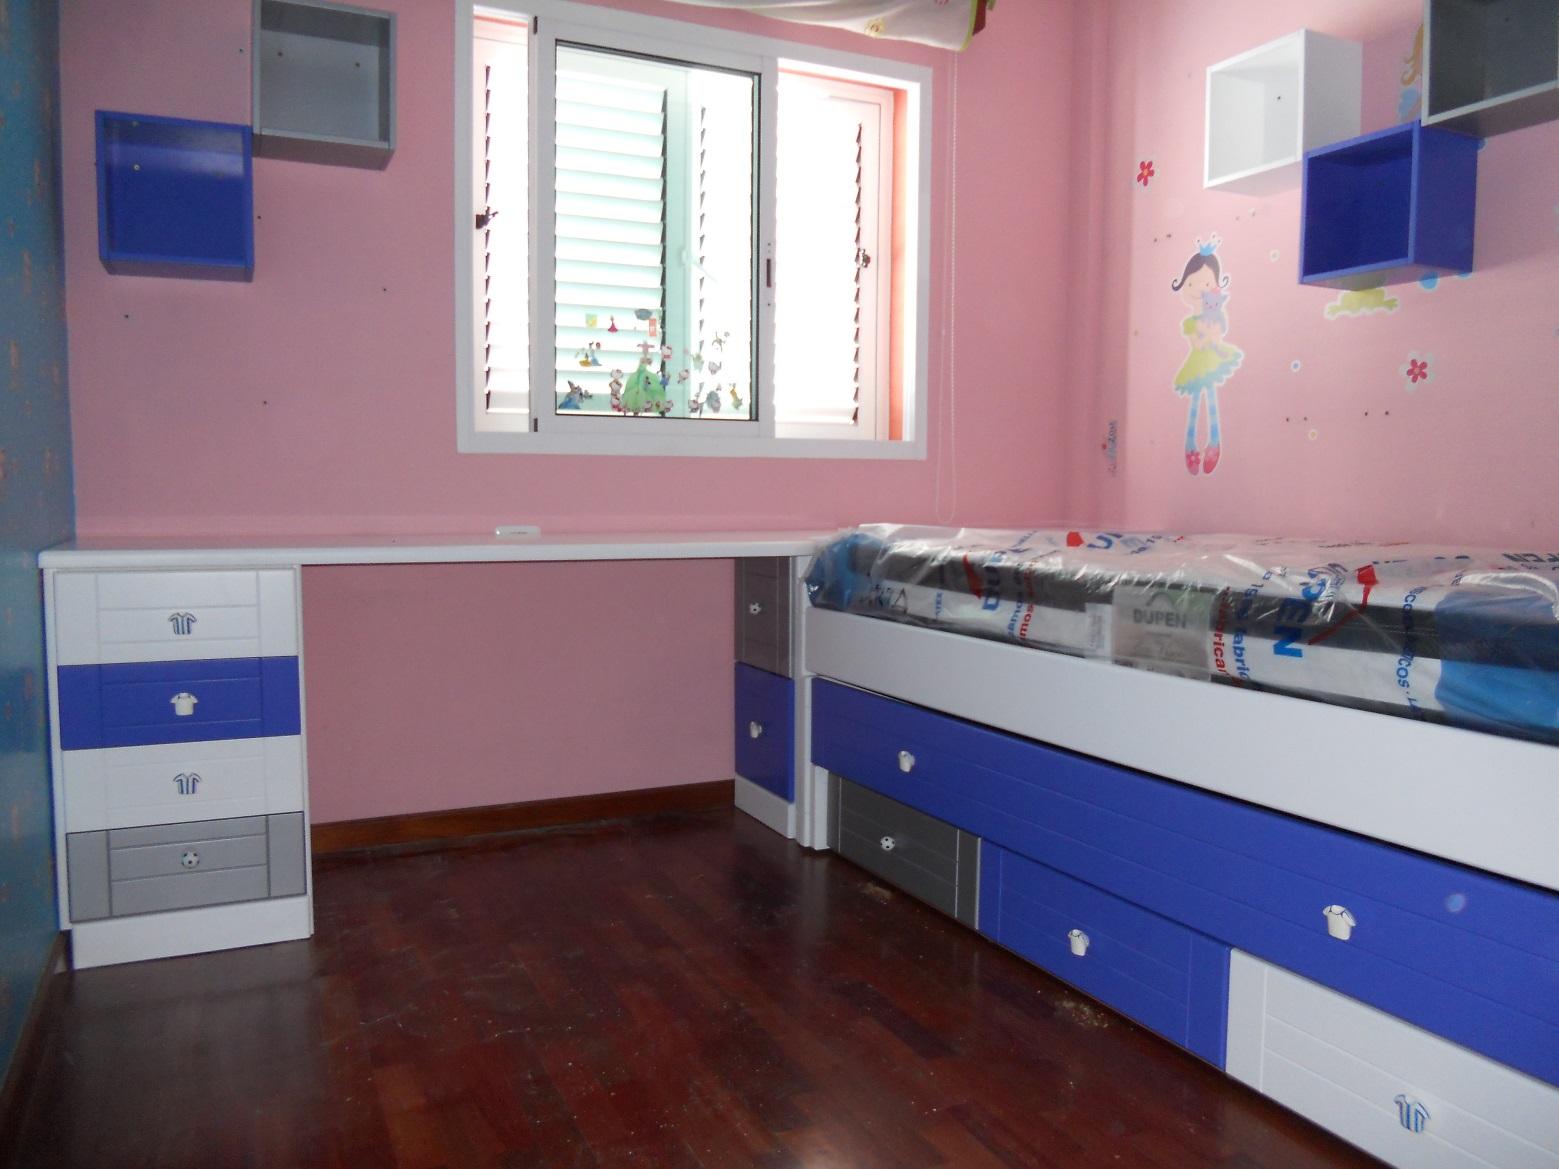 Dormitorios juveniles ram n granados f brica de muebles - Dormitorios juveniles tenerife ...